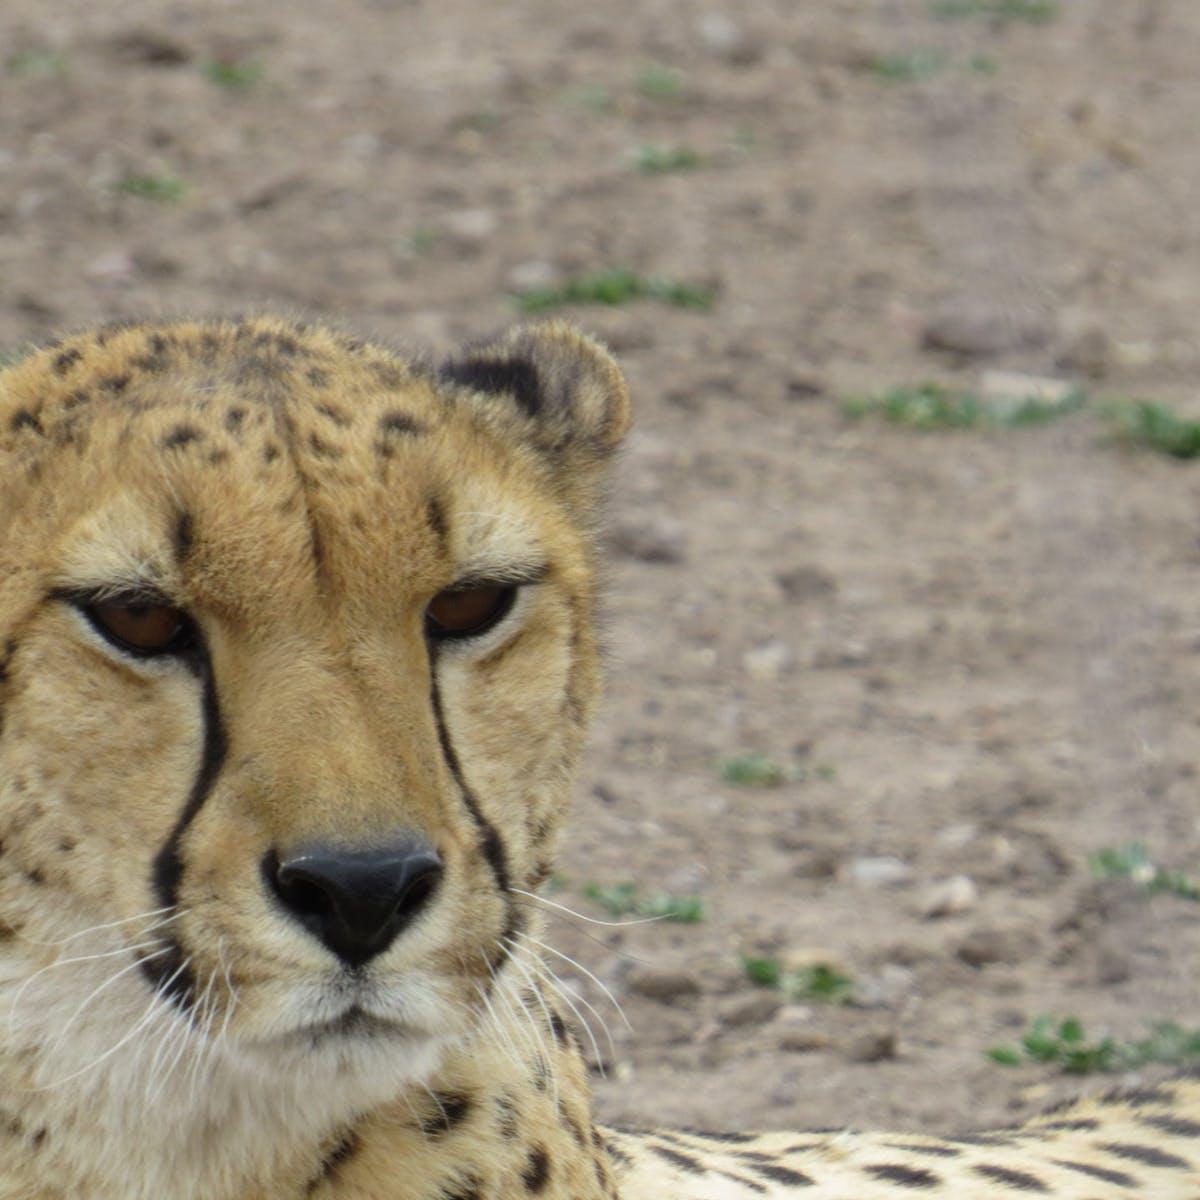 a cheetah sitting in a dirt field